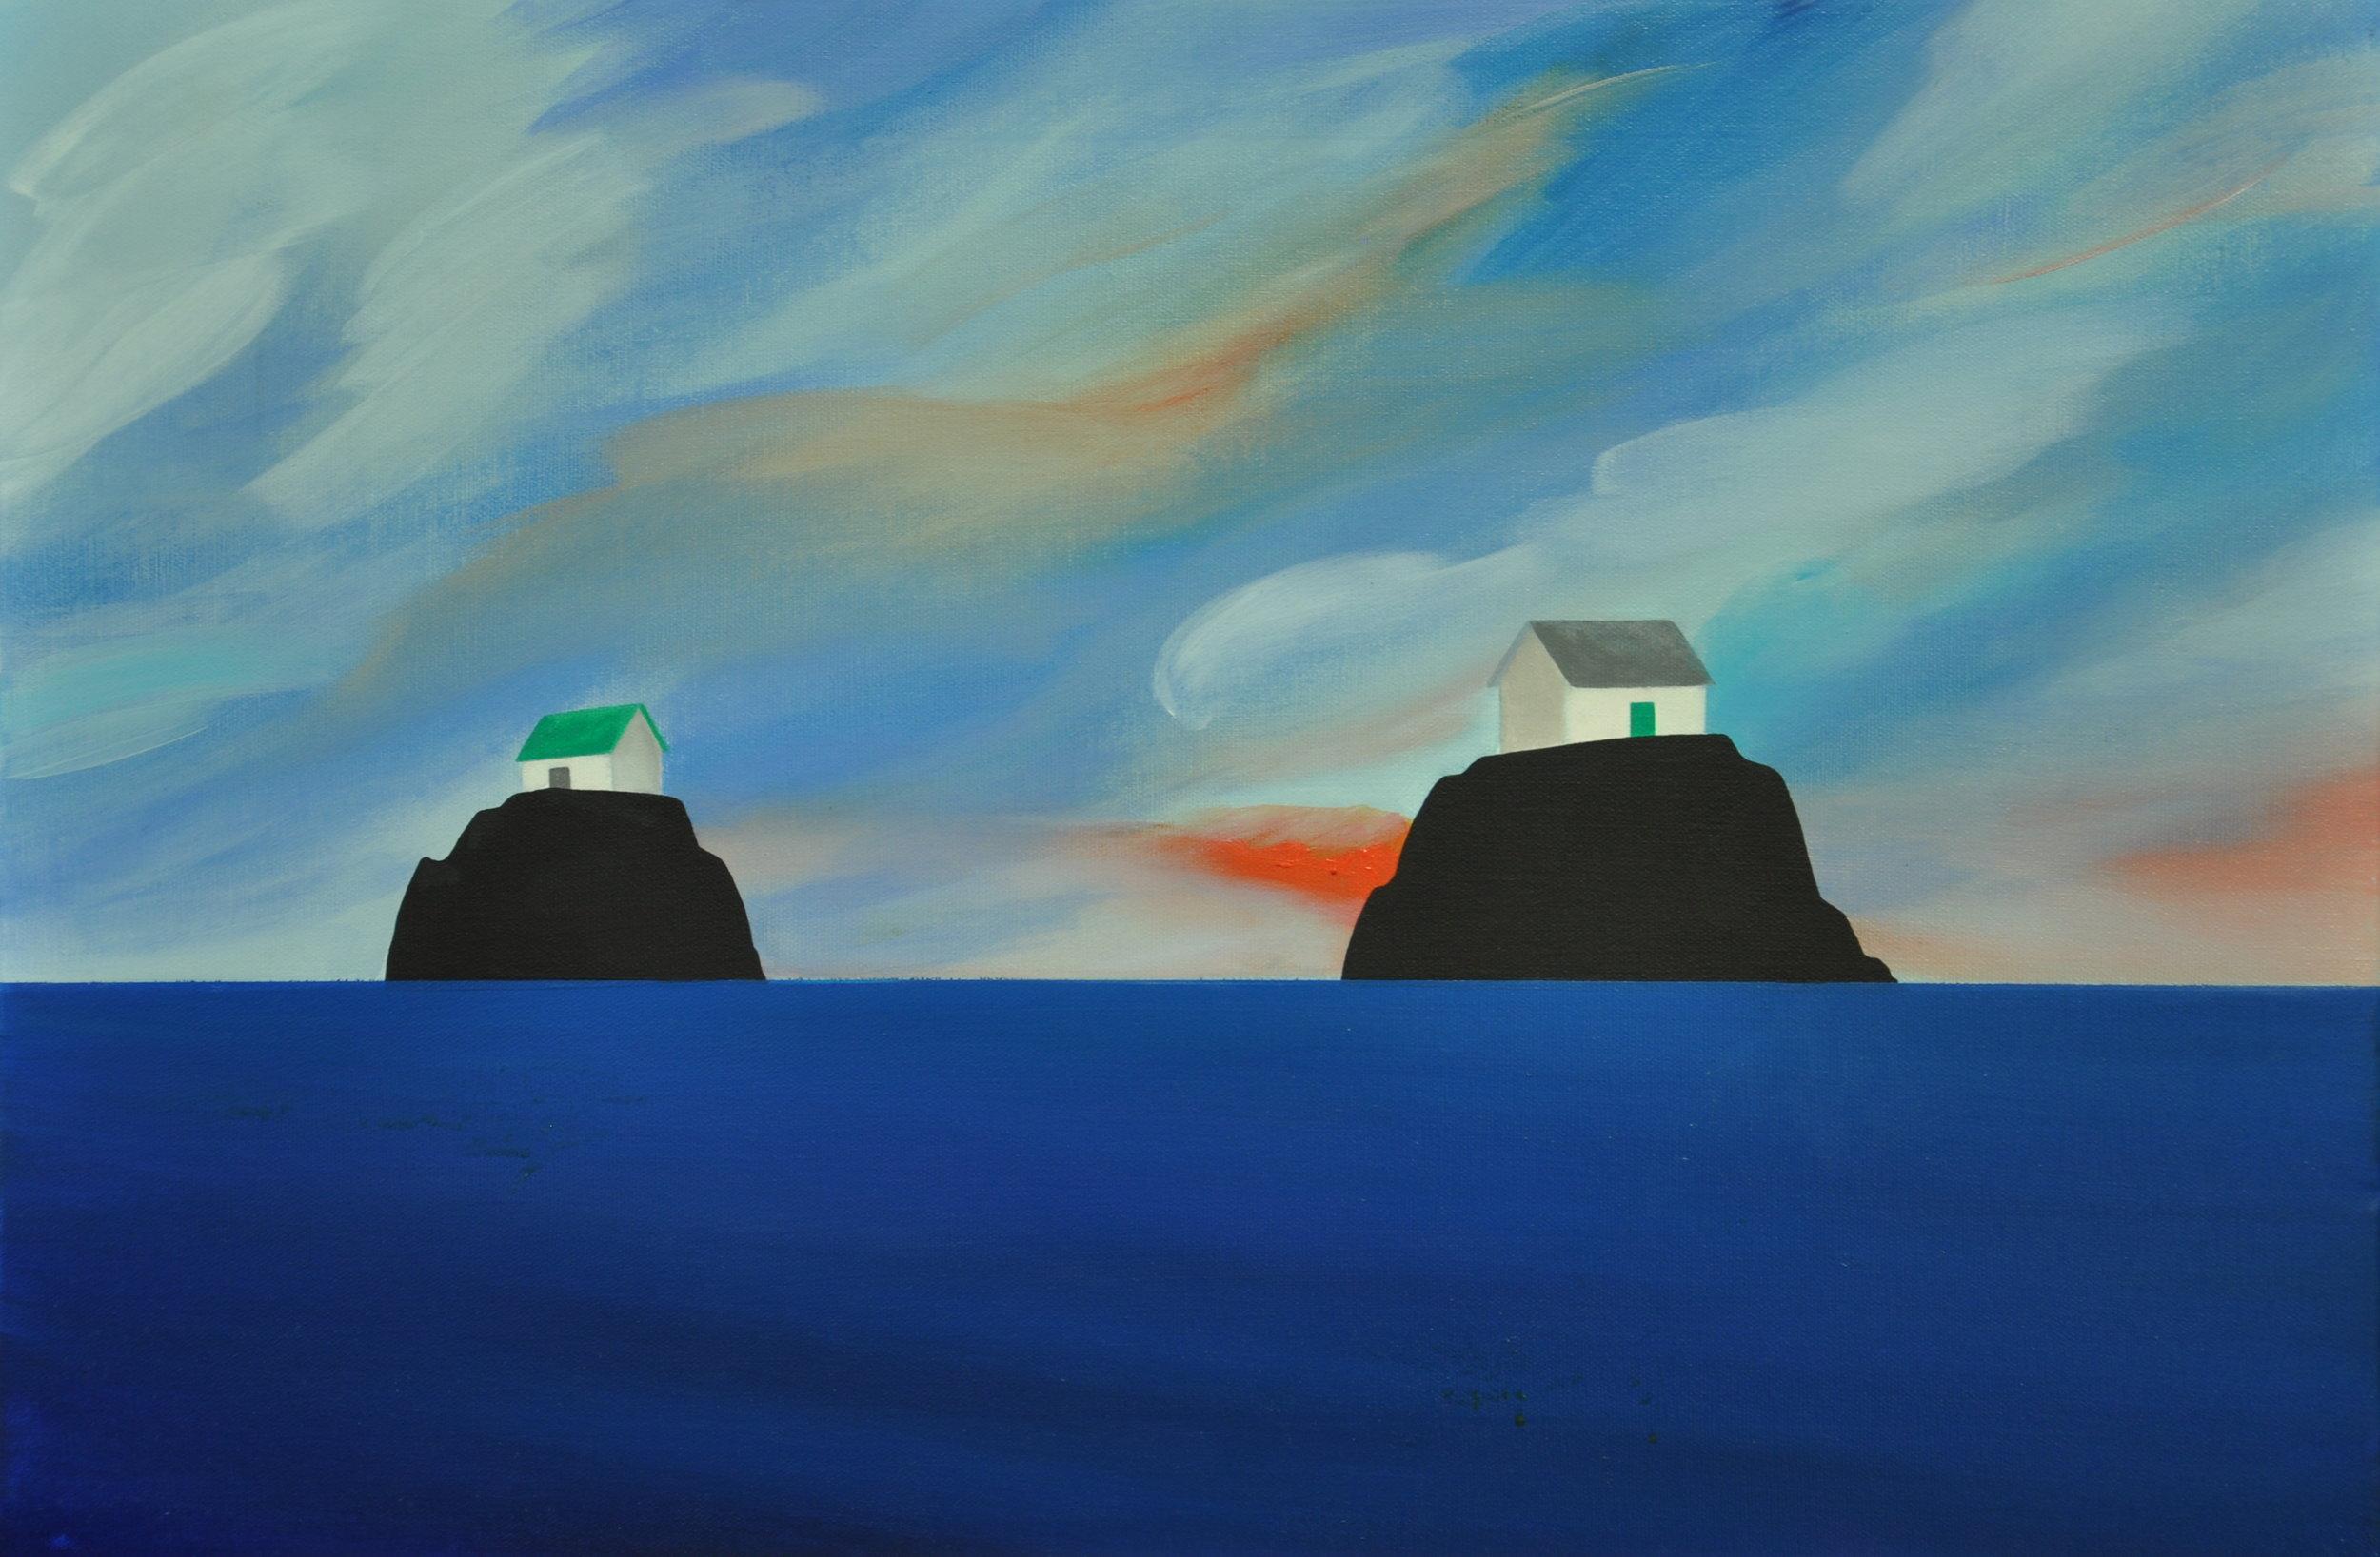 Islands Facing Away (Day)